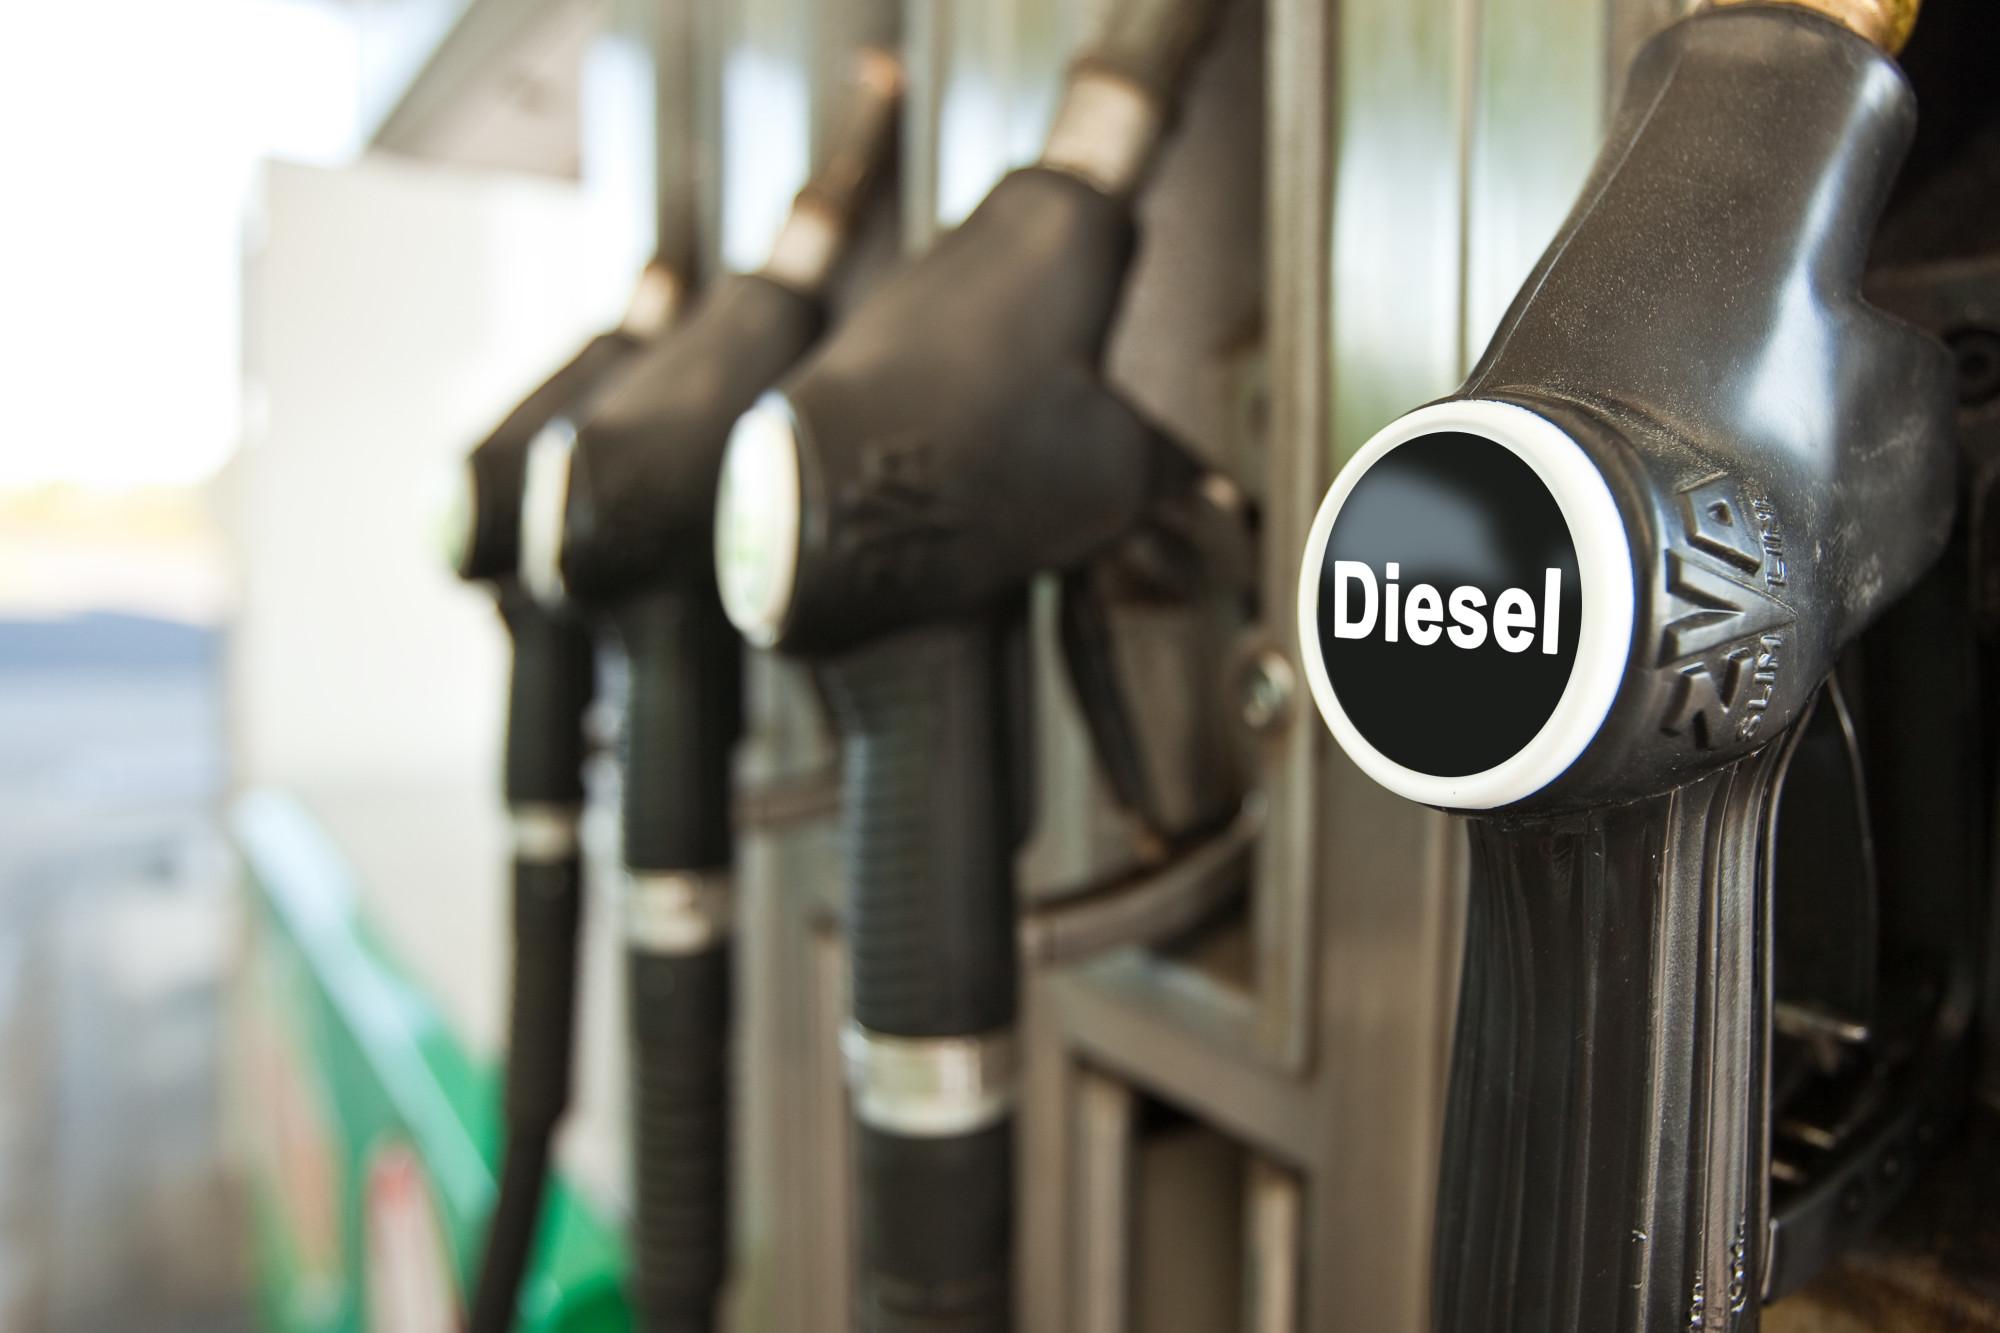 Diesel Gas vs Regular Gas